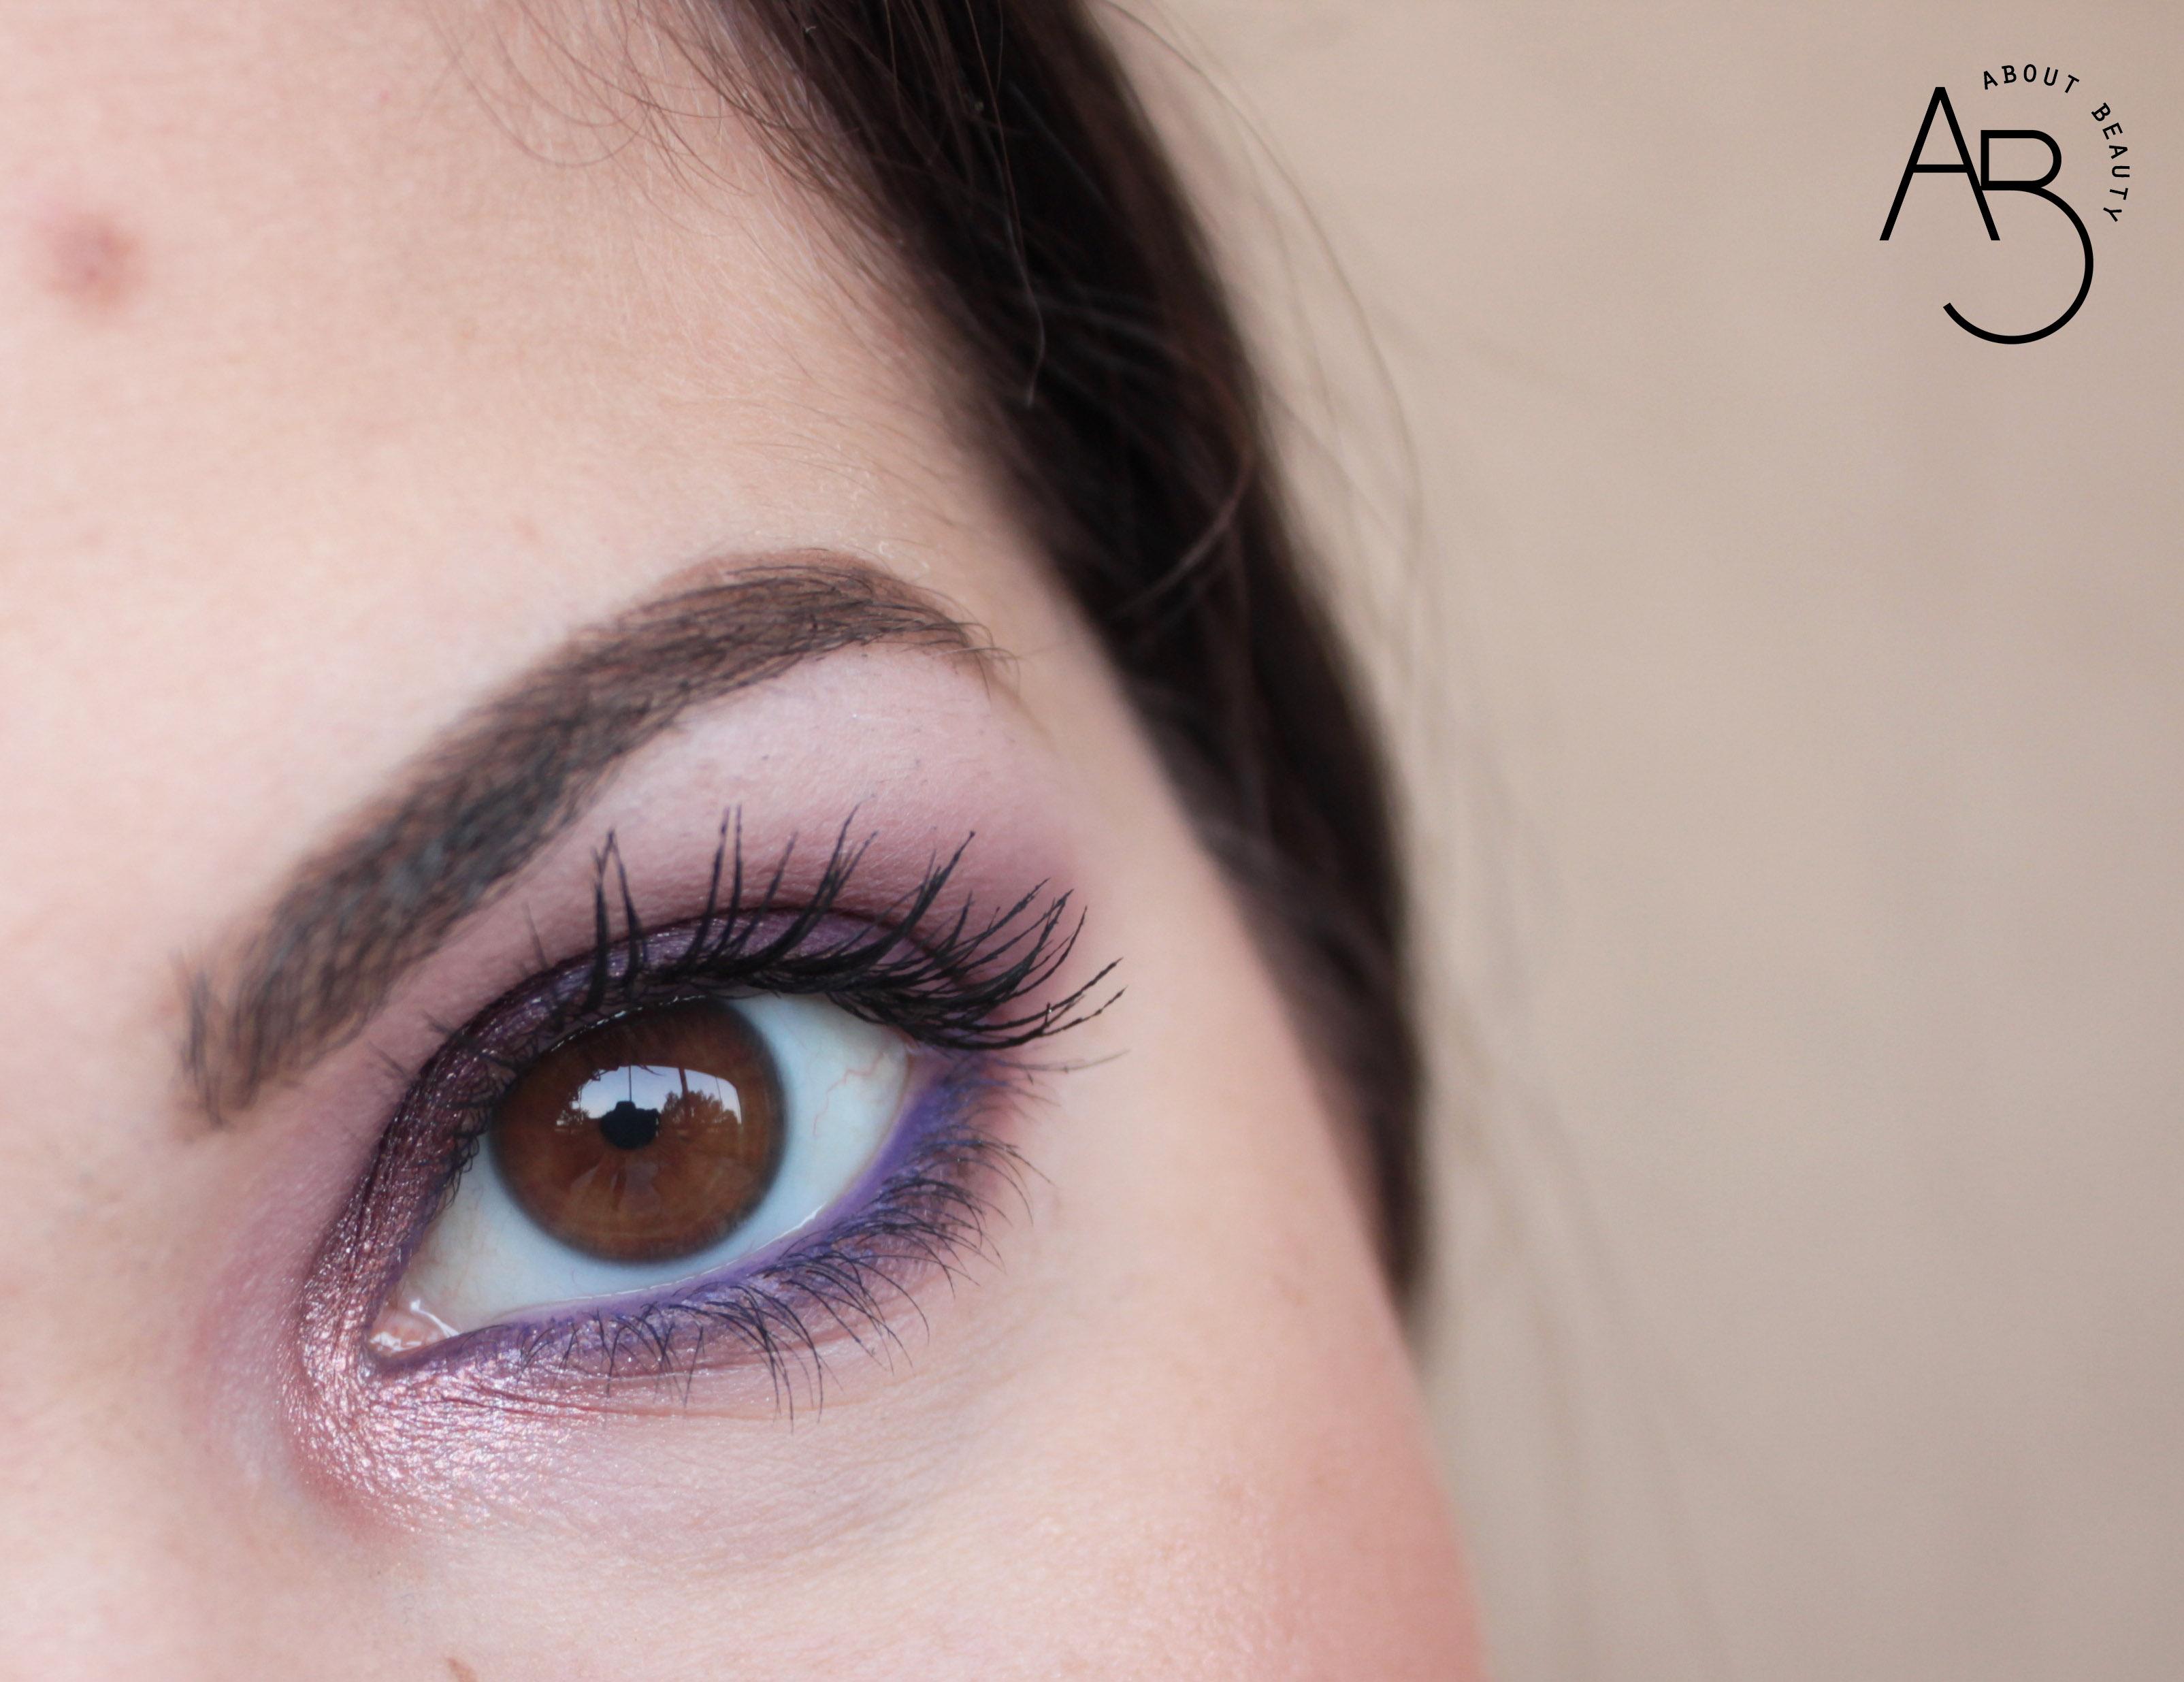 Neve Cosmetics Rebel Epoque - Review, recensione, opinioni, swatch, prezzo, dove acquistare, sconto - Make-up tutorial detail occhio